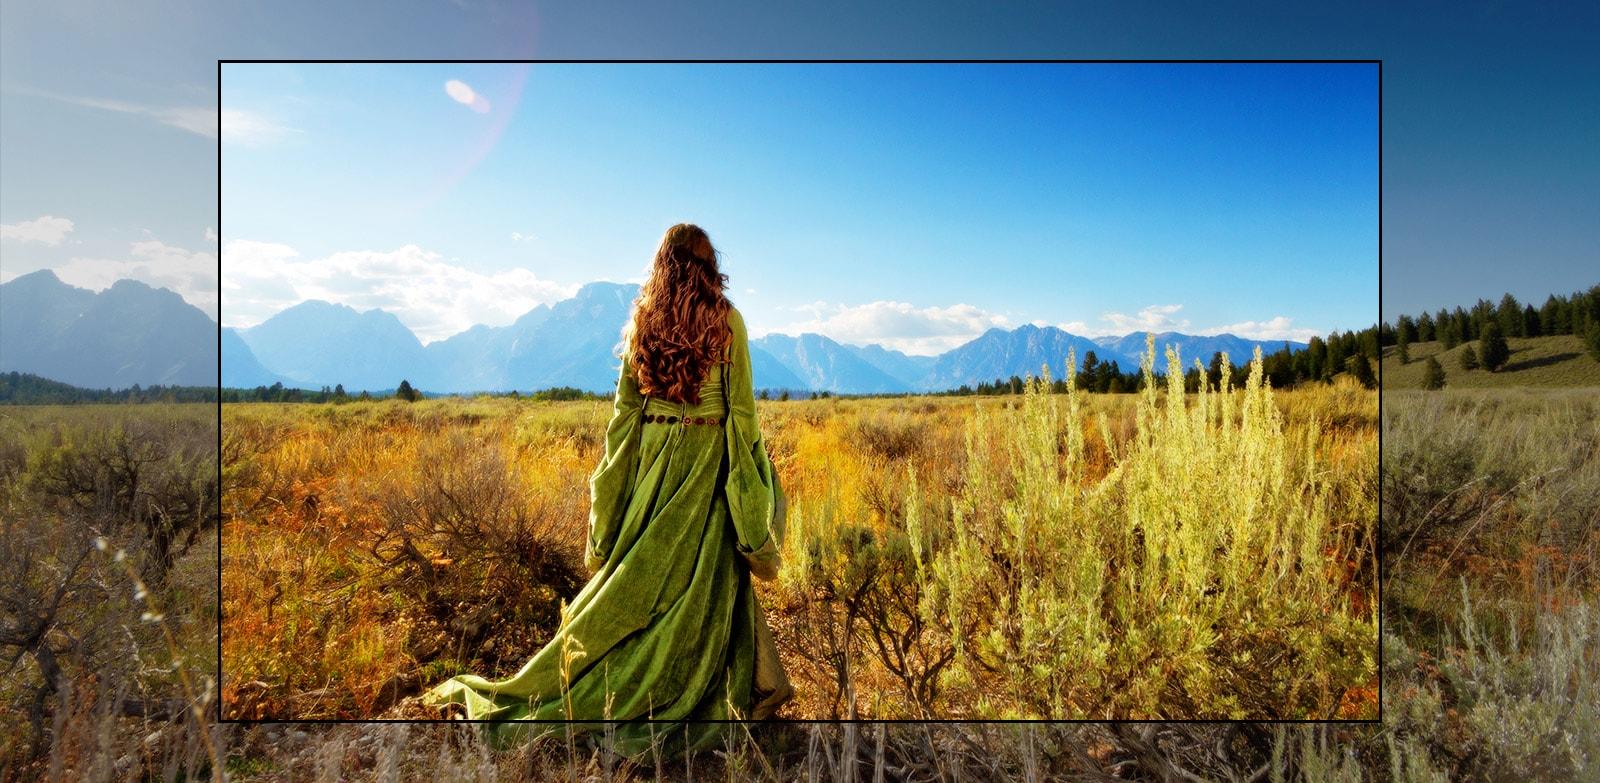 Ekran televizora sa scenom iz filma sa ženom koja stoji na poljima okrenuta ka planinama.